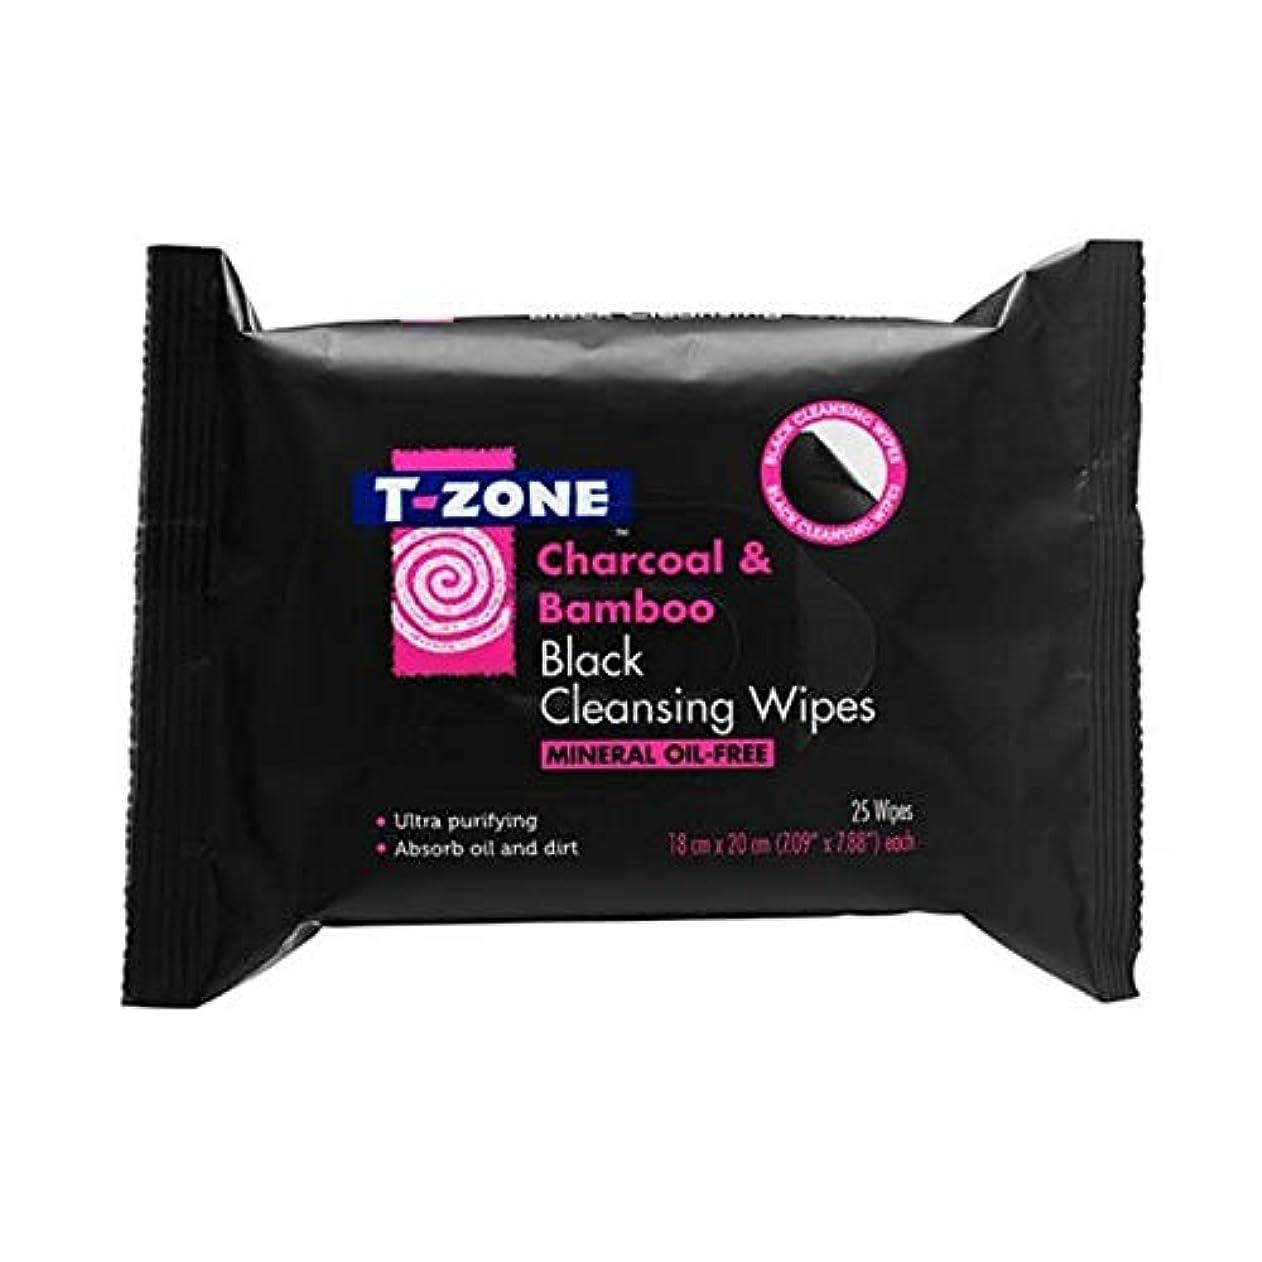 山積みのワイプ全員[T-zone] Tゾーン木炭&竹ブラッククレンジング25Sを払拭します - T-Zone Charcoal & Bamboo Black Cleansing Wipes 25s [並行輸入品]